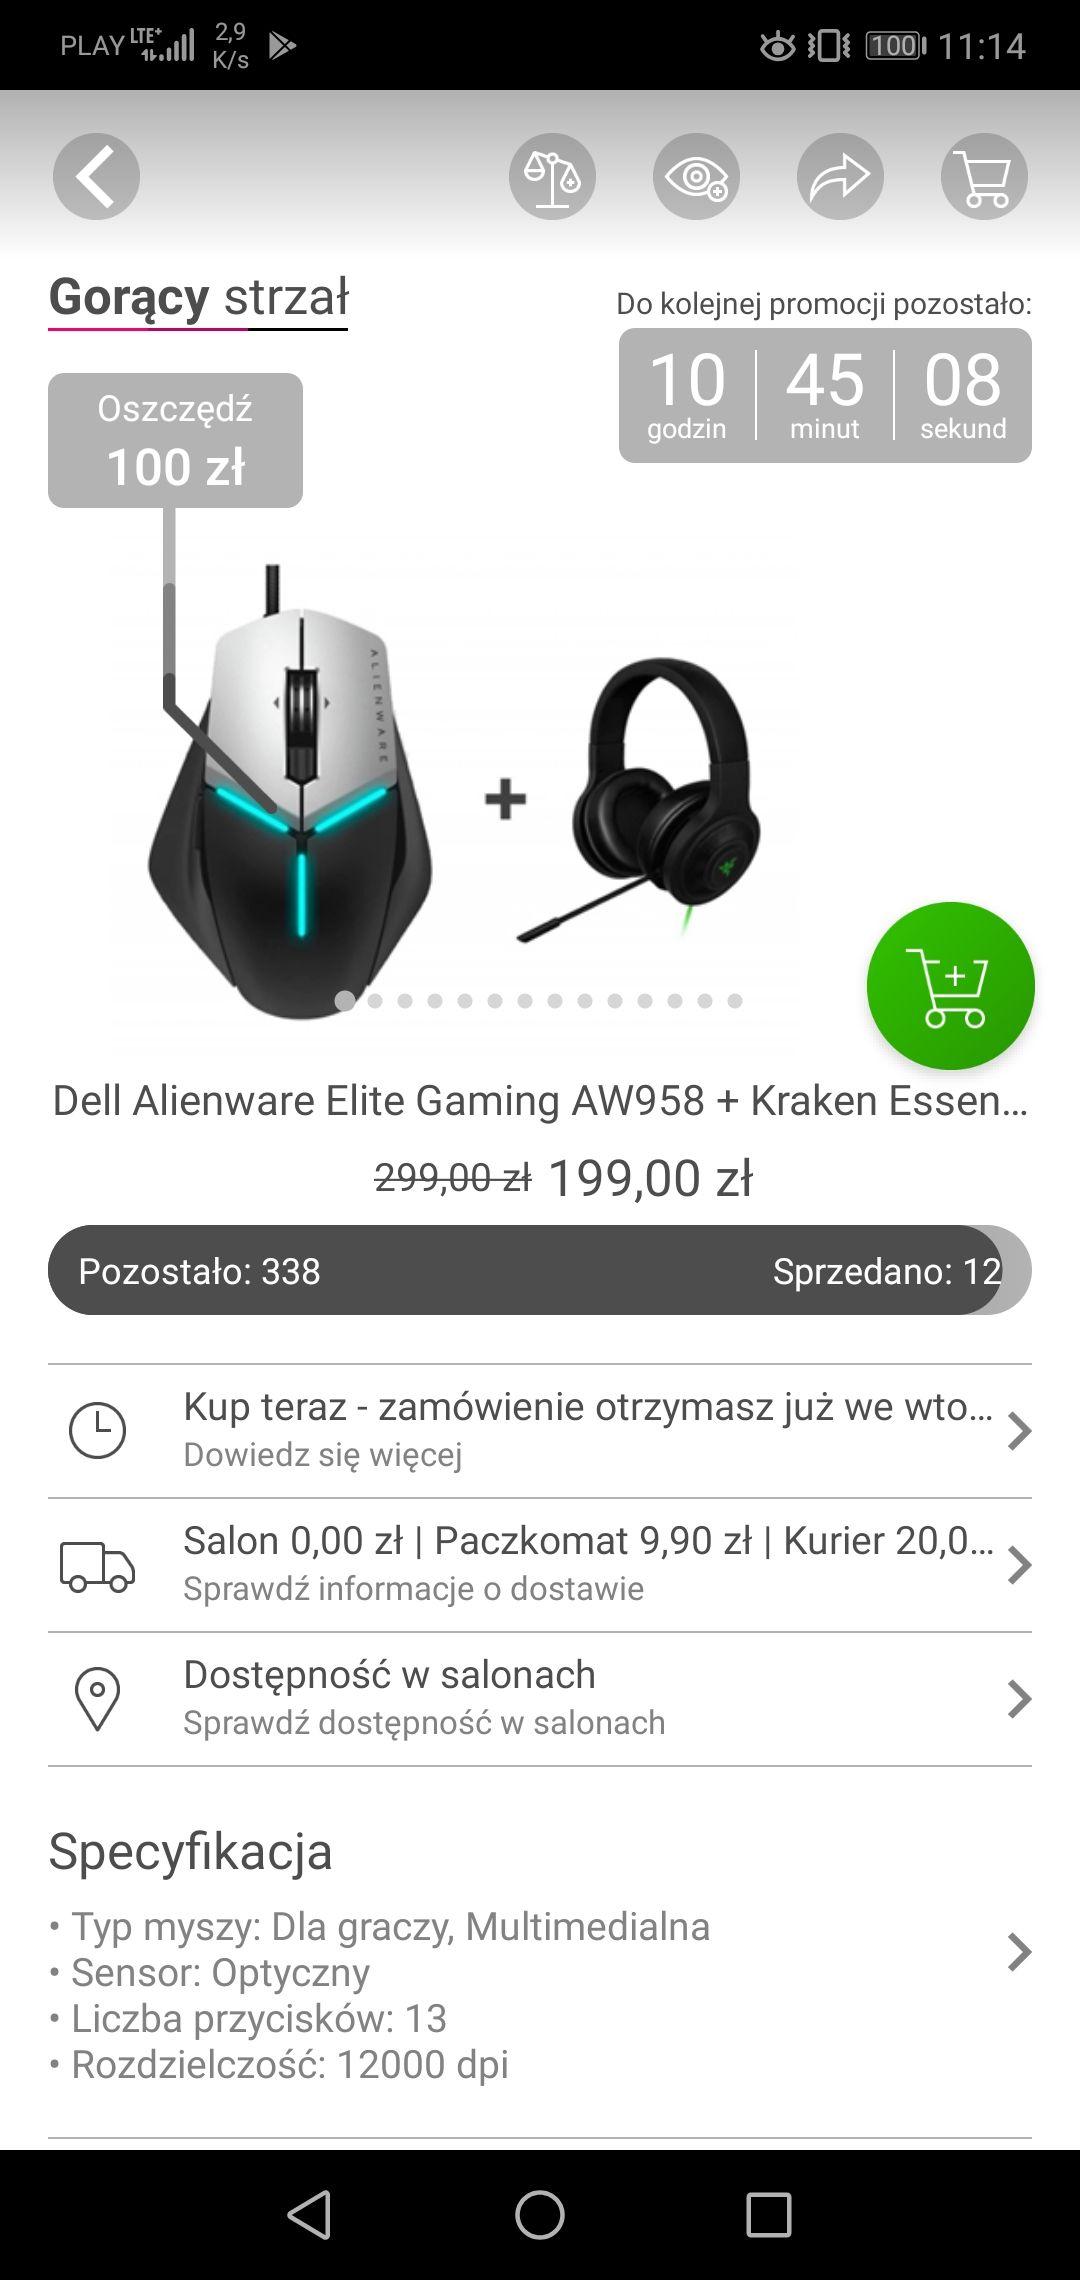 Mysz Dell Alienware Elite + Razer Kraken